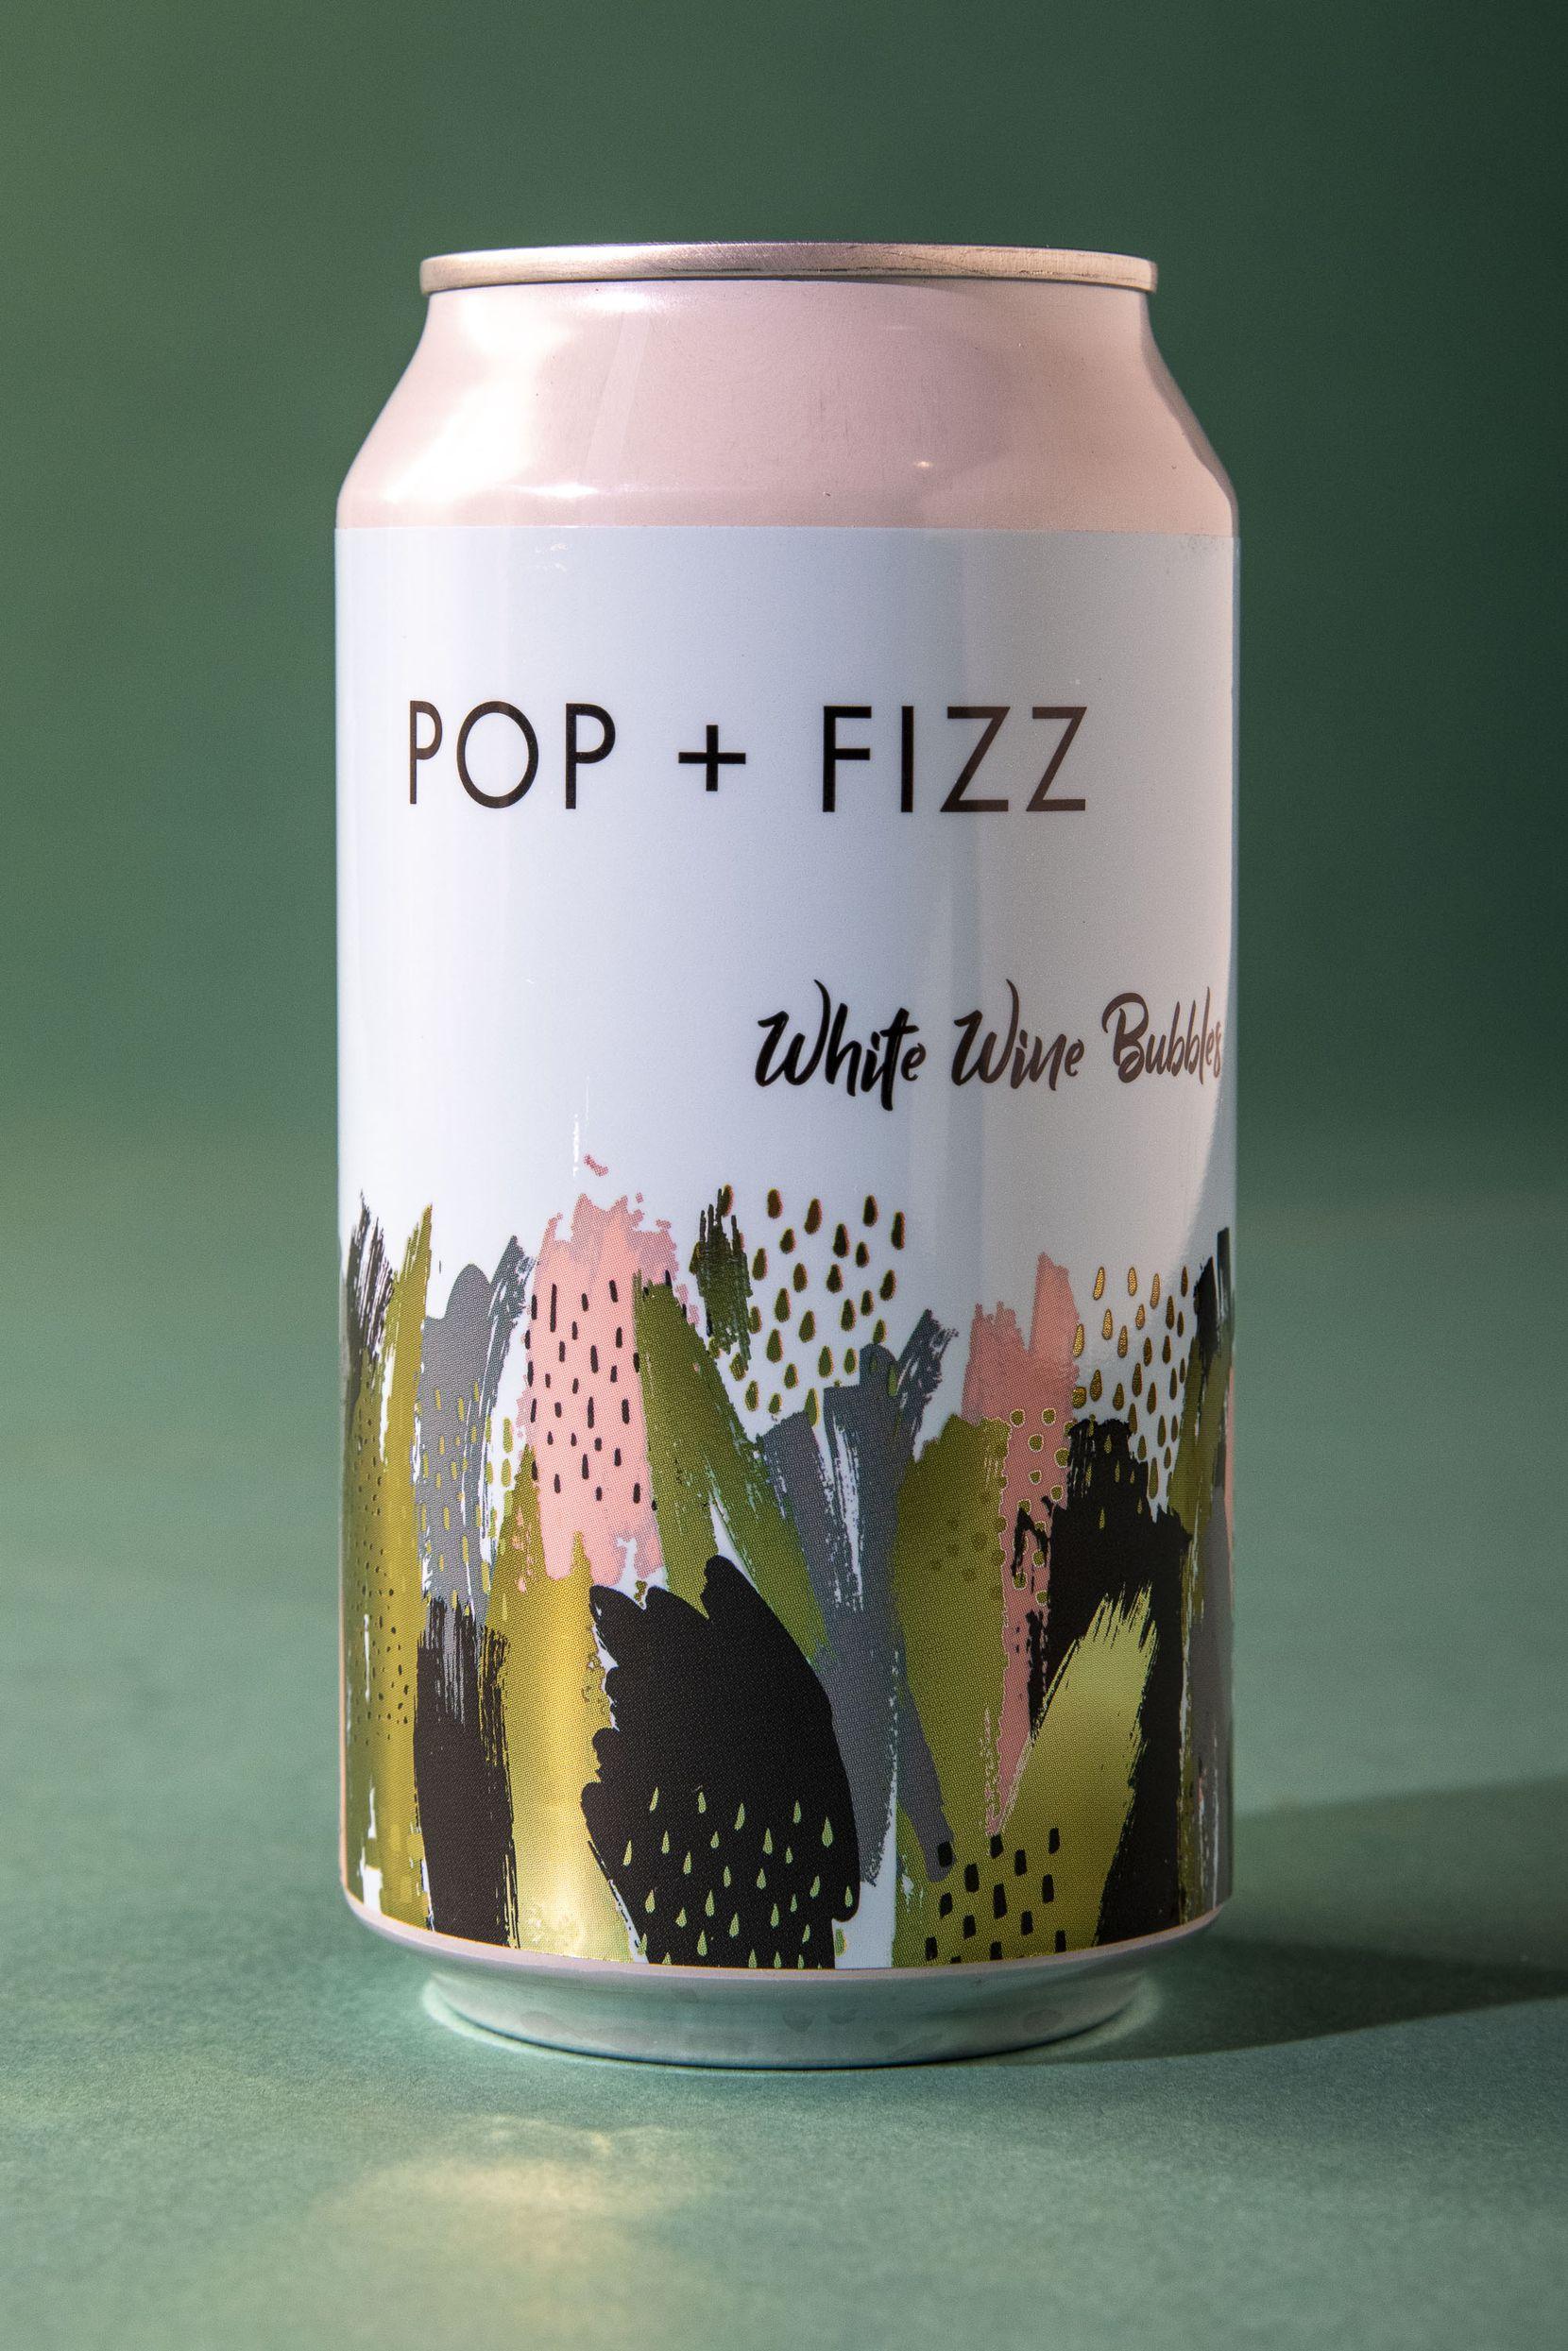 Pop + Fizz is from Oregon